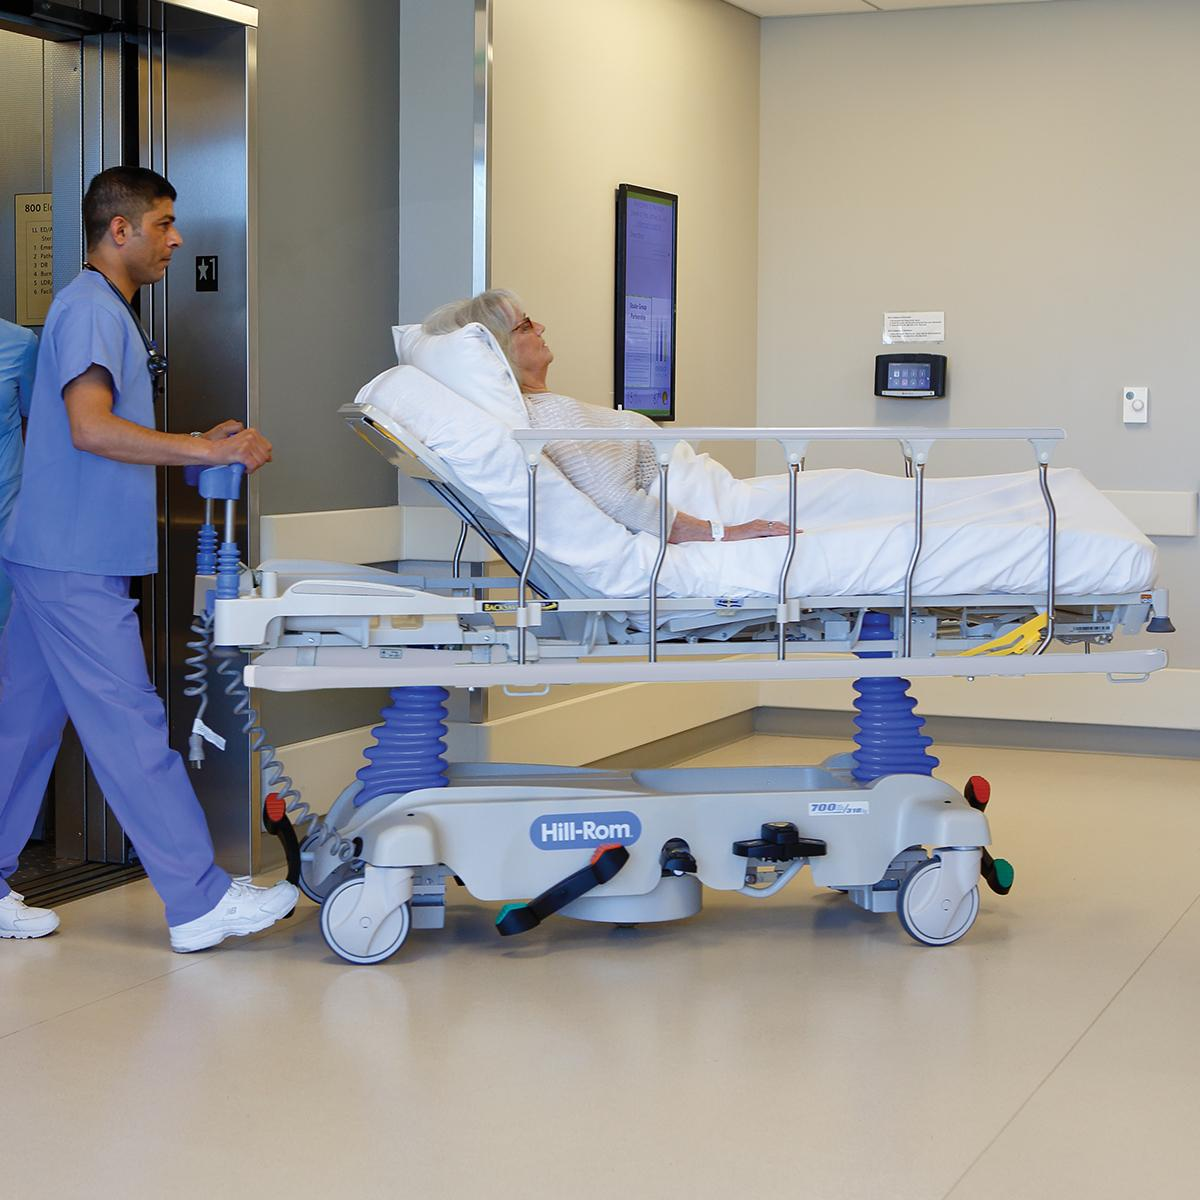 Un médico empuja una camilla para procedimientos de Hillrom llevando a un paciente fuera del ascensor de un hospital.